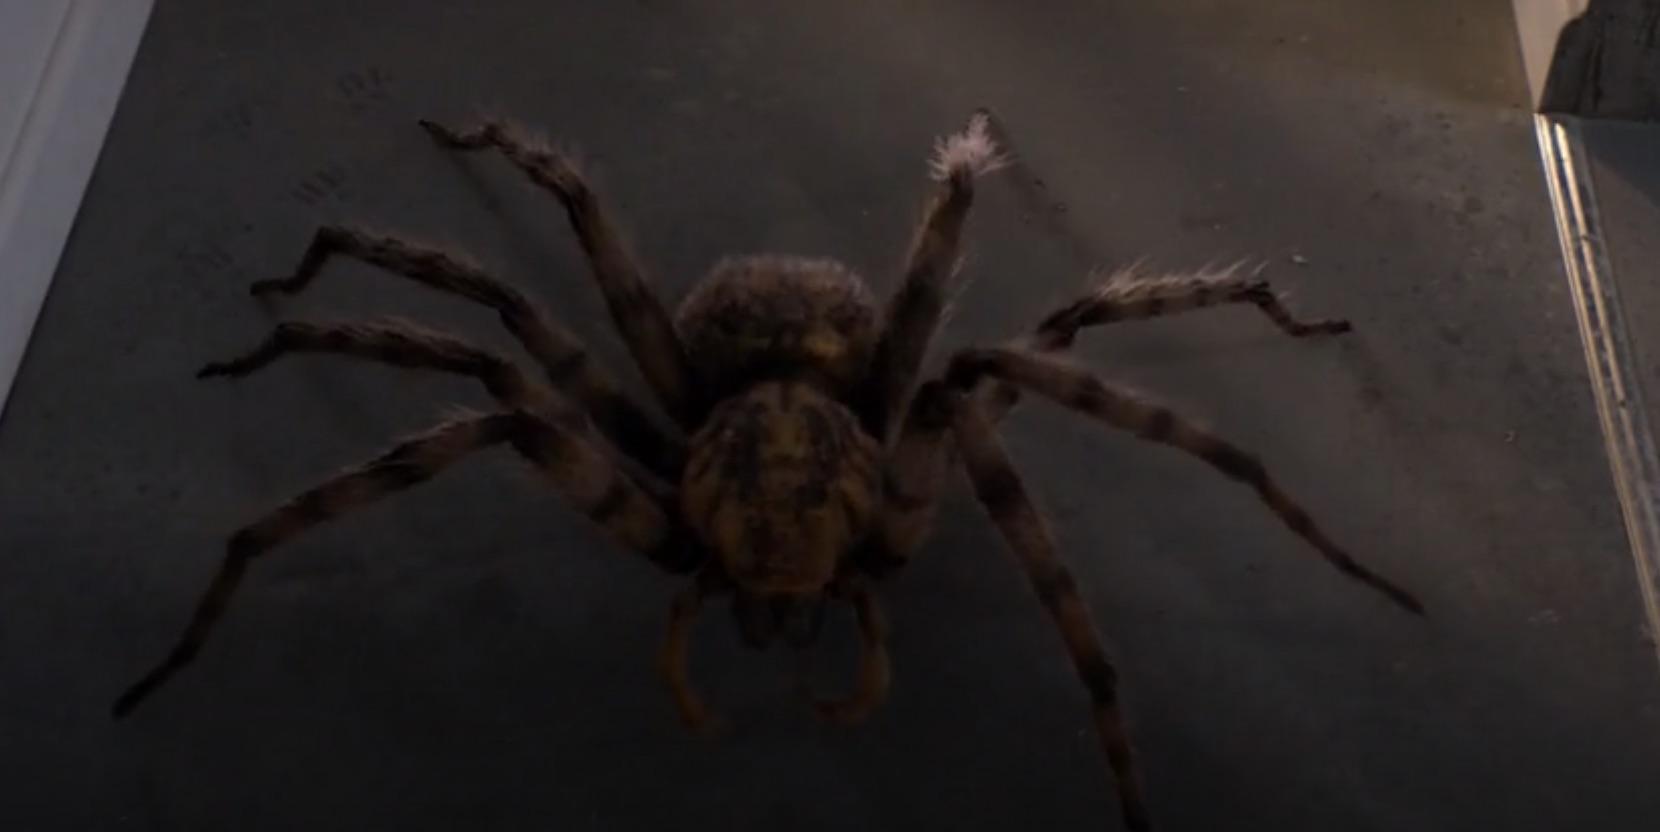 It's a spider, man.